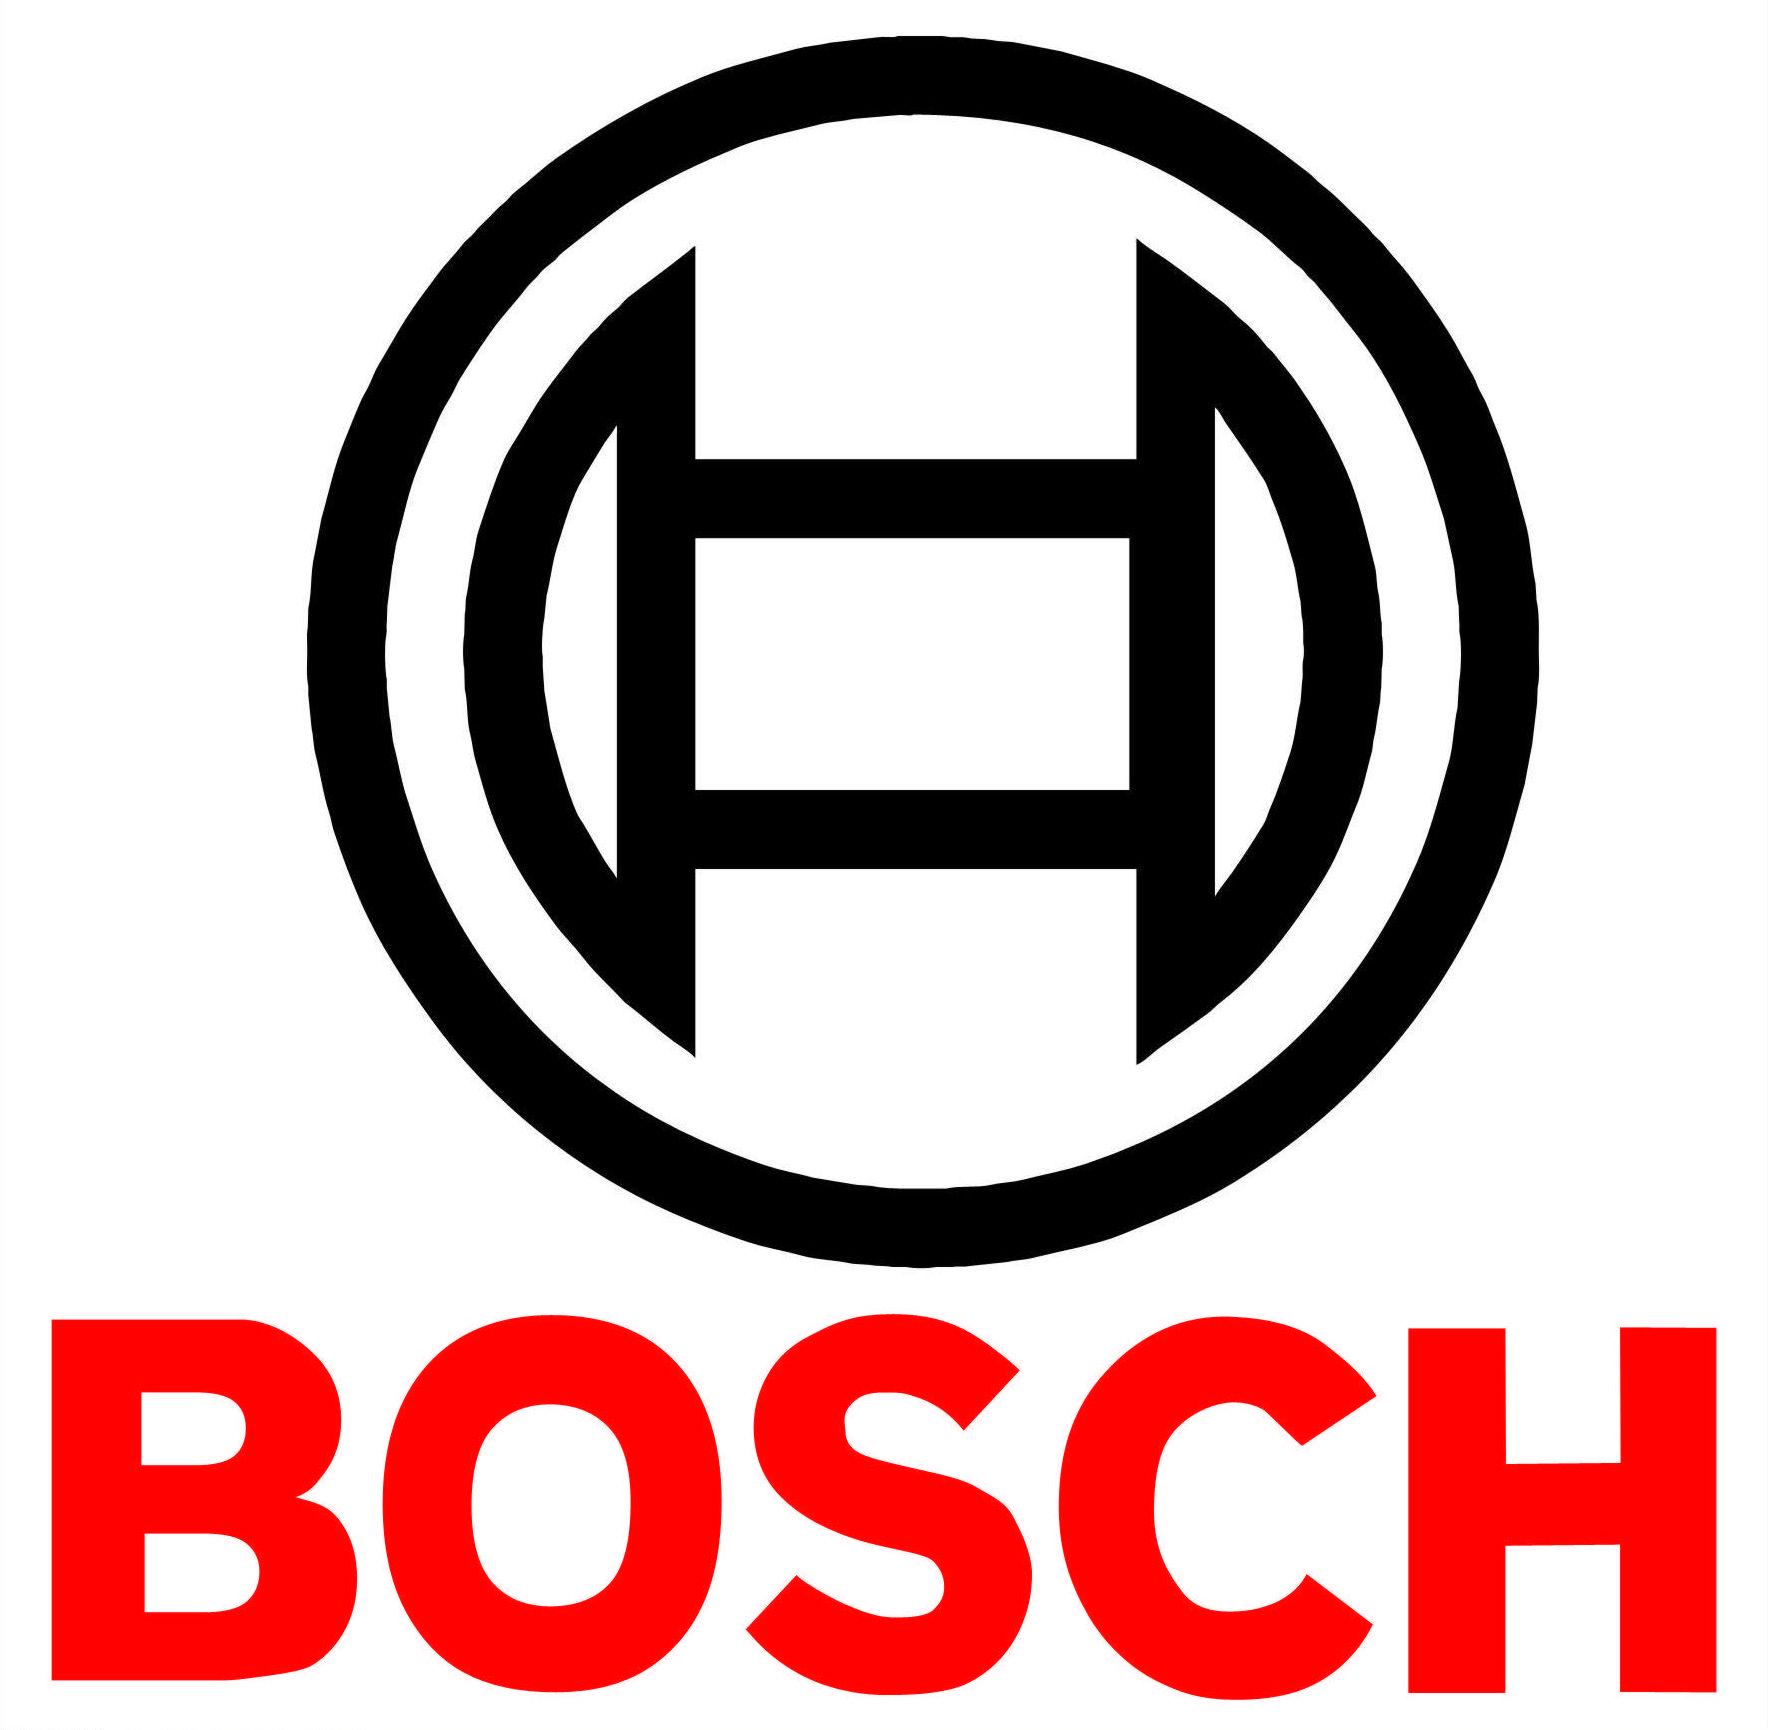 Bosch logo 3D - Logo Bosch PNG